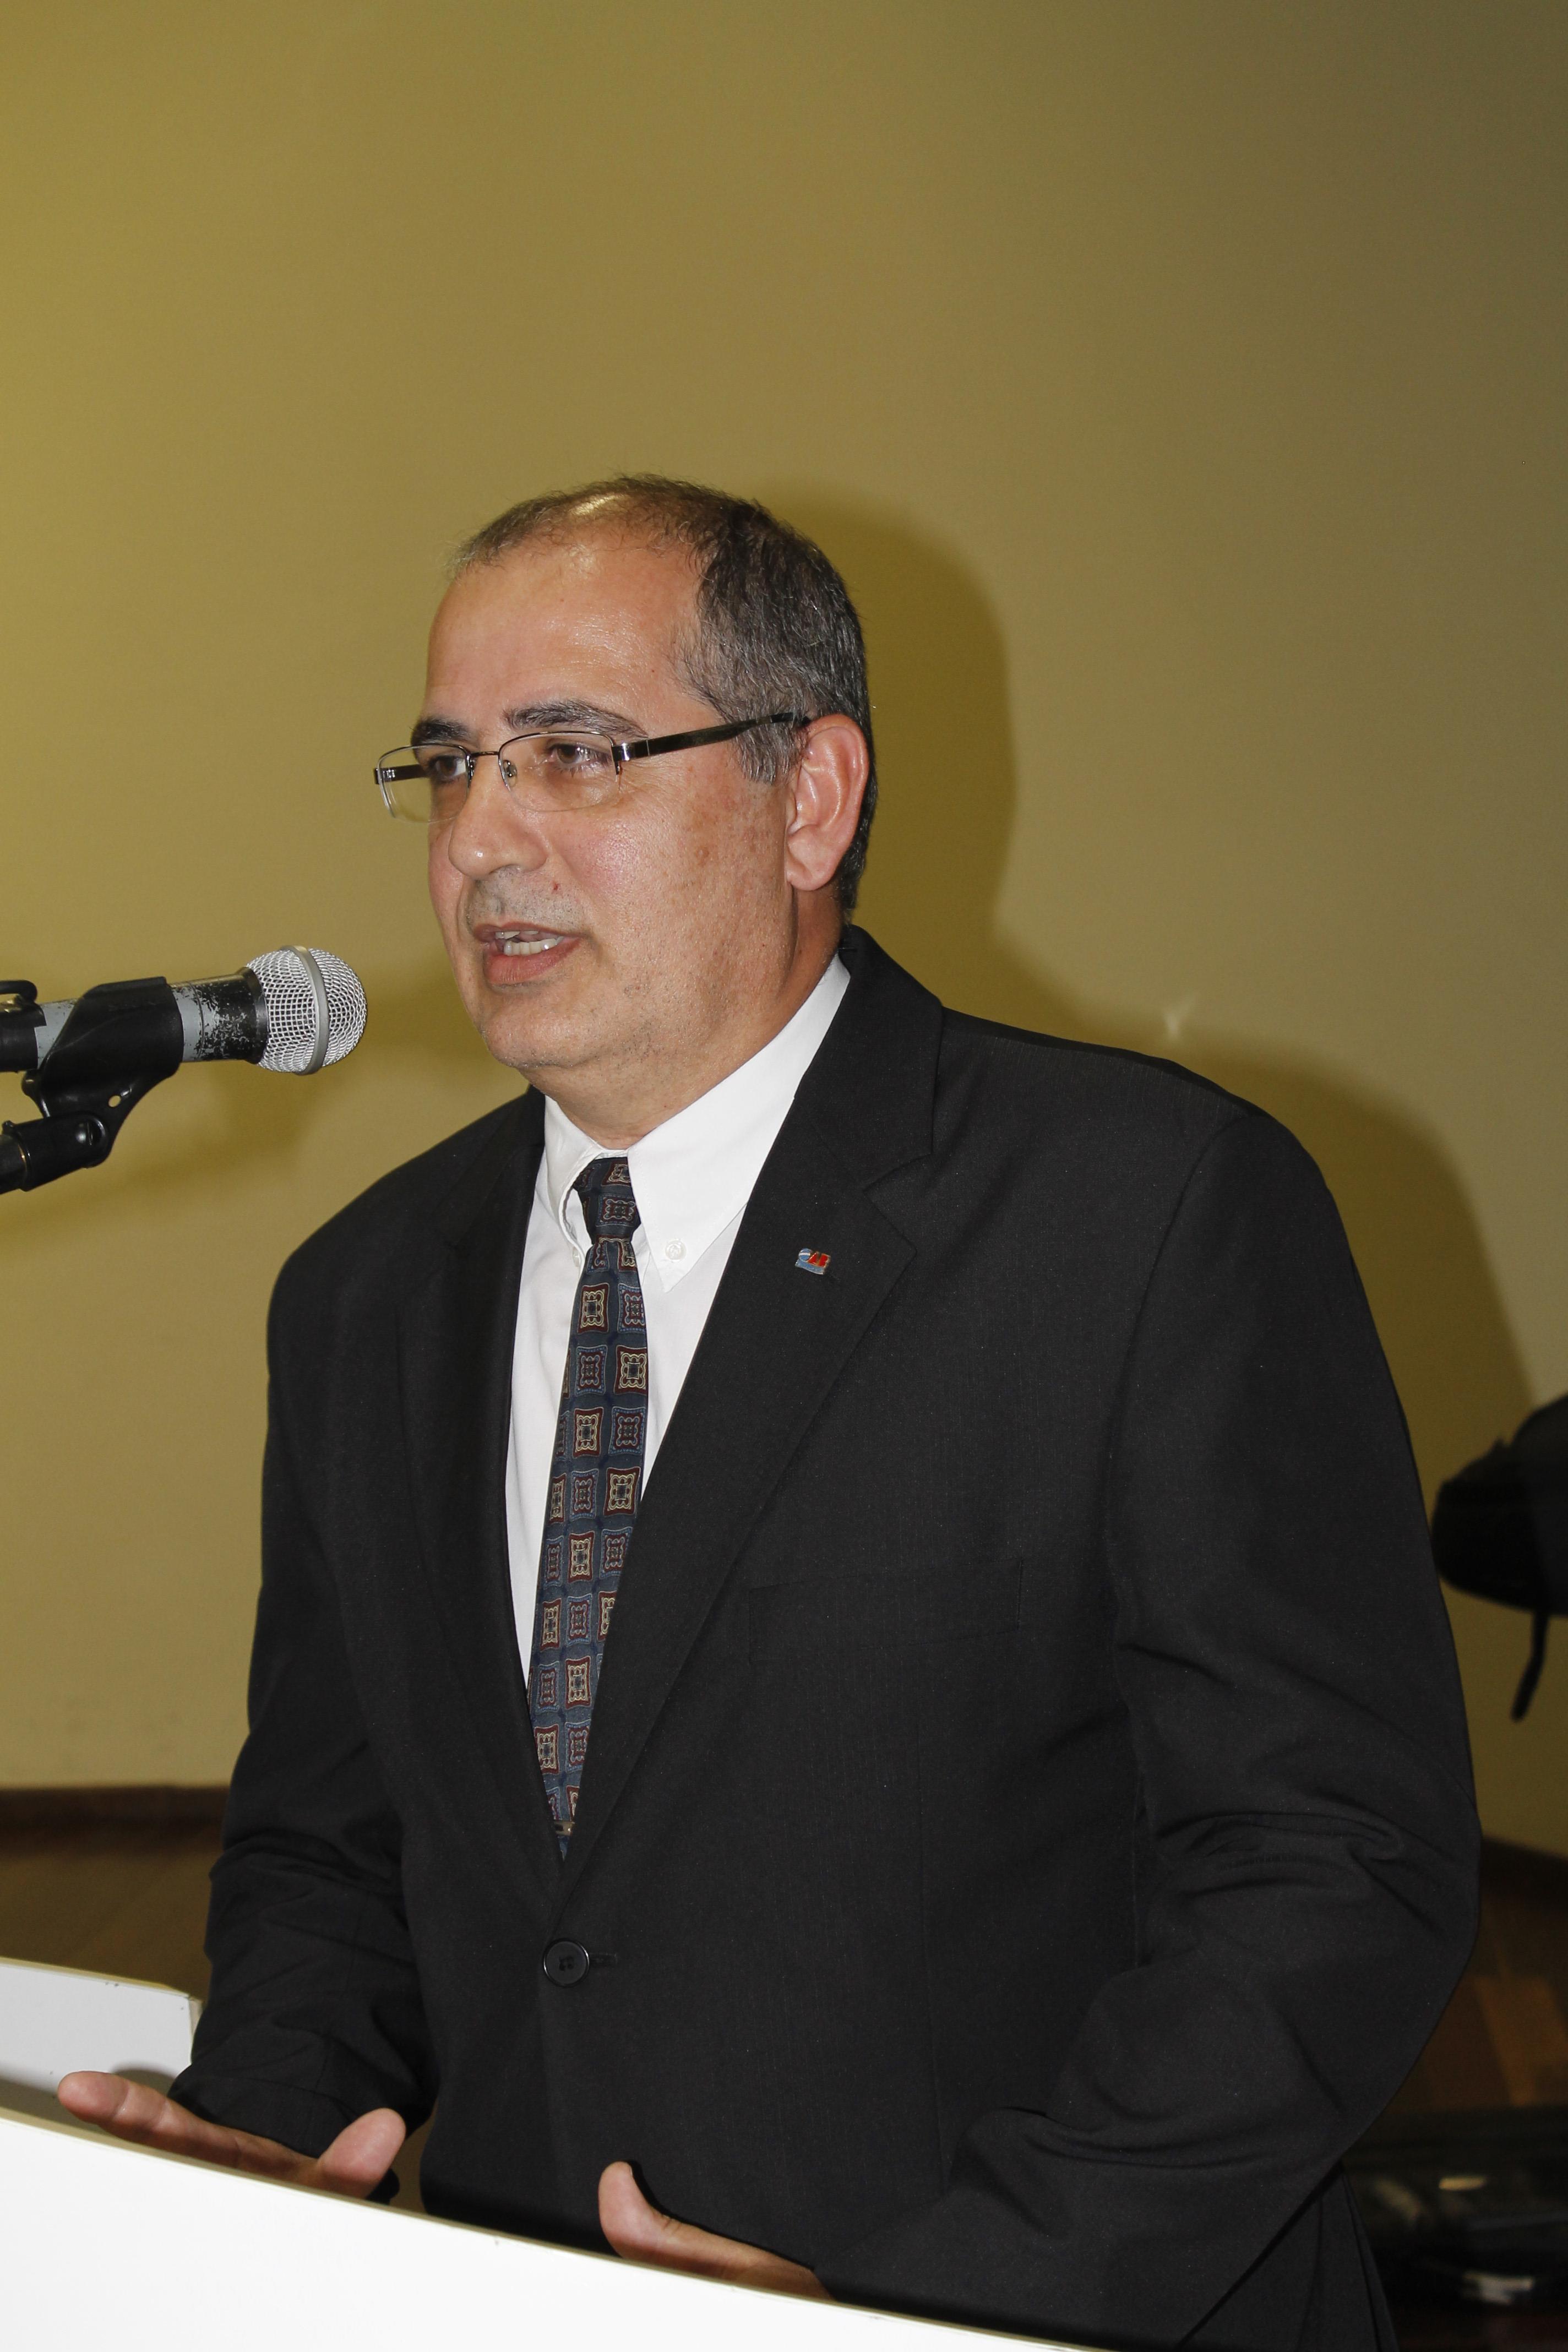 OAB nacional nomeia professor da UNIFEBE para Comissão Especial